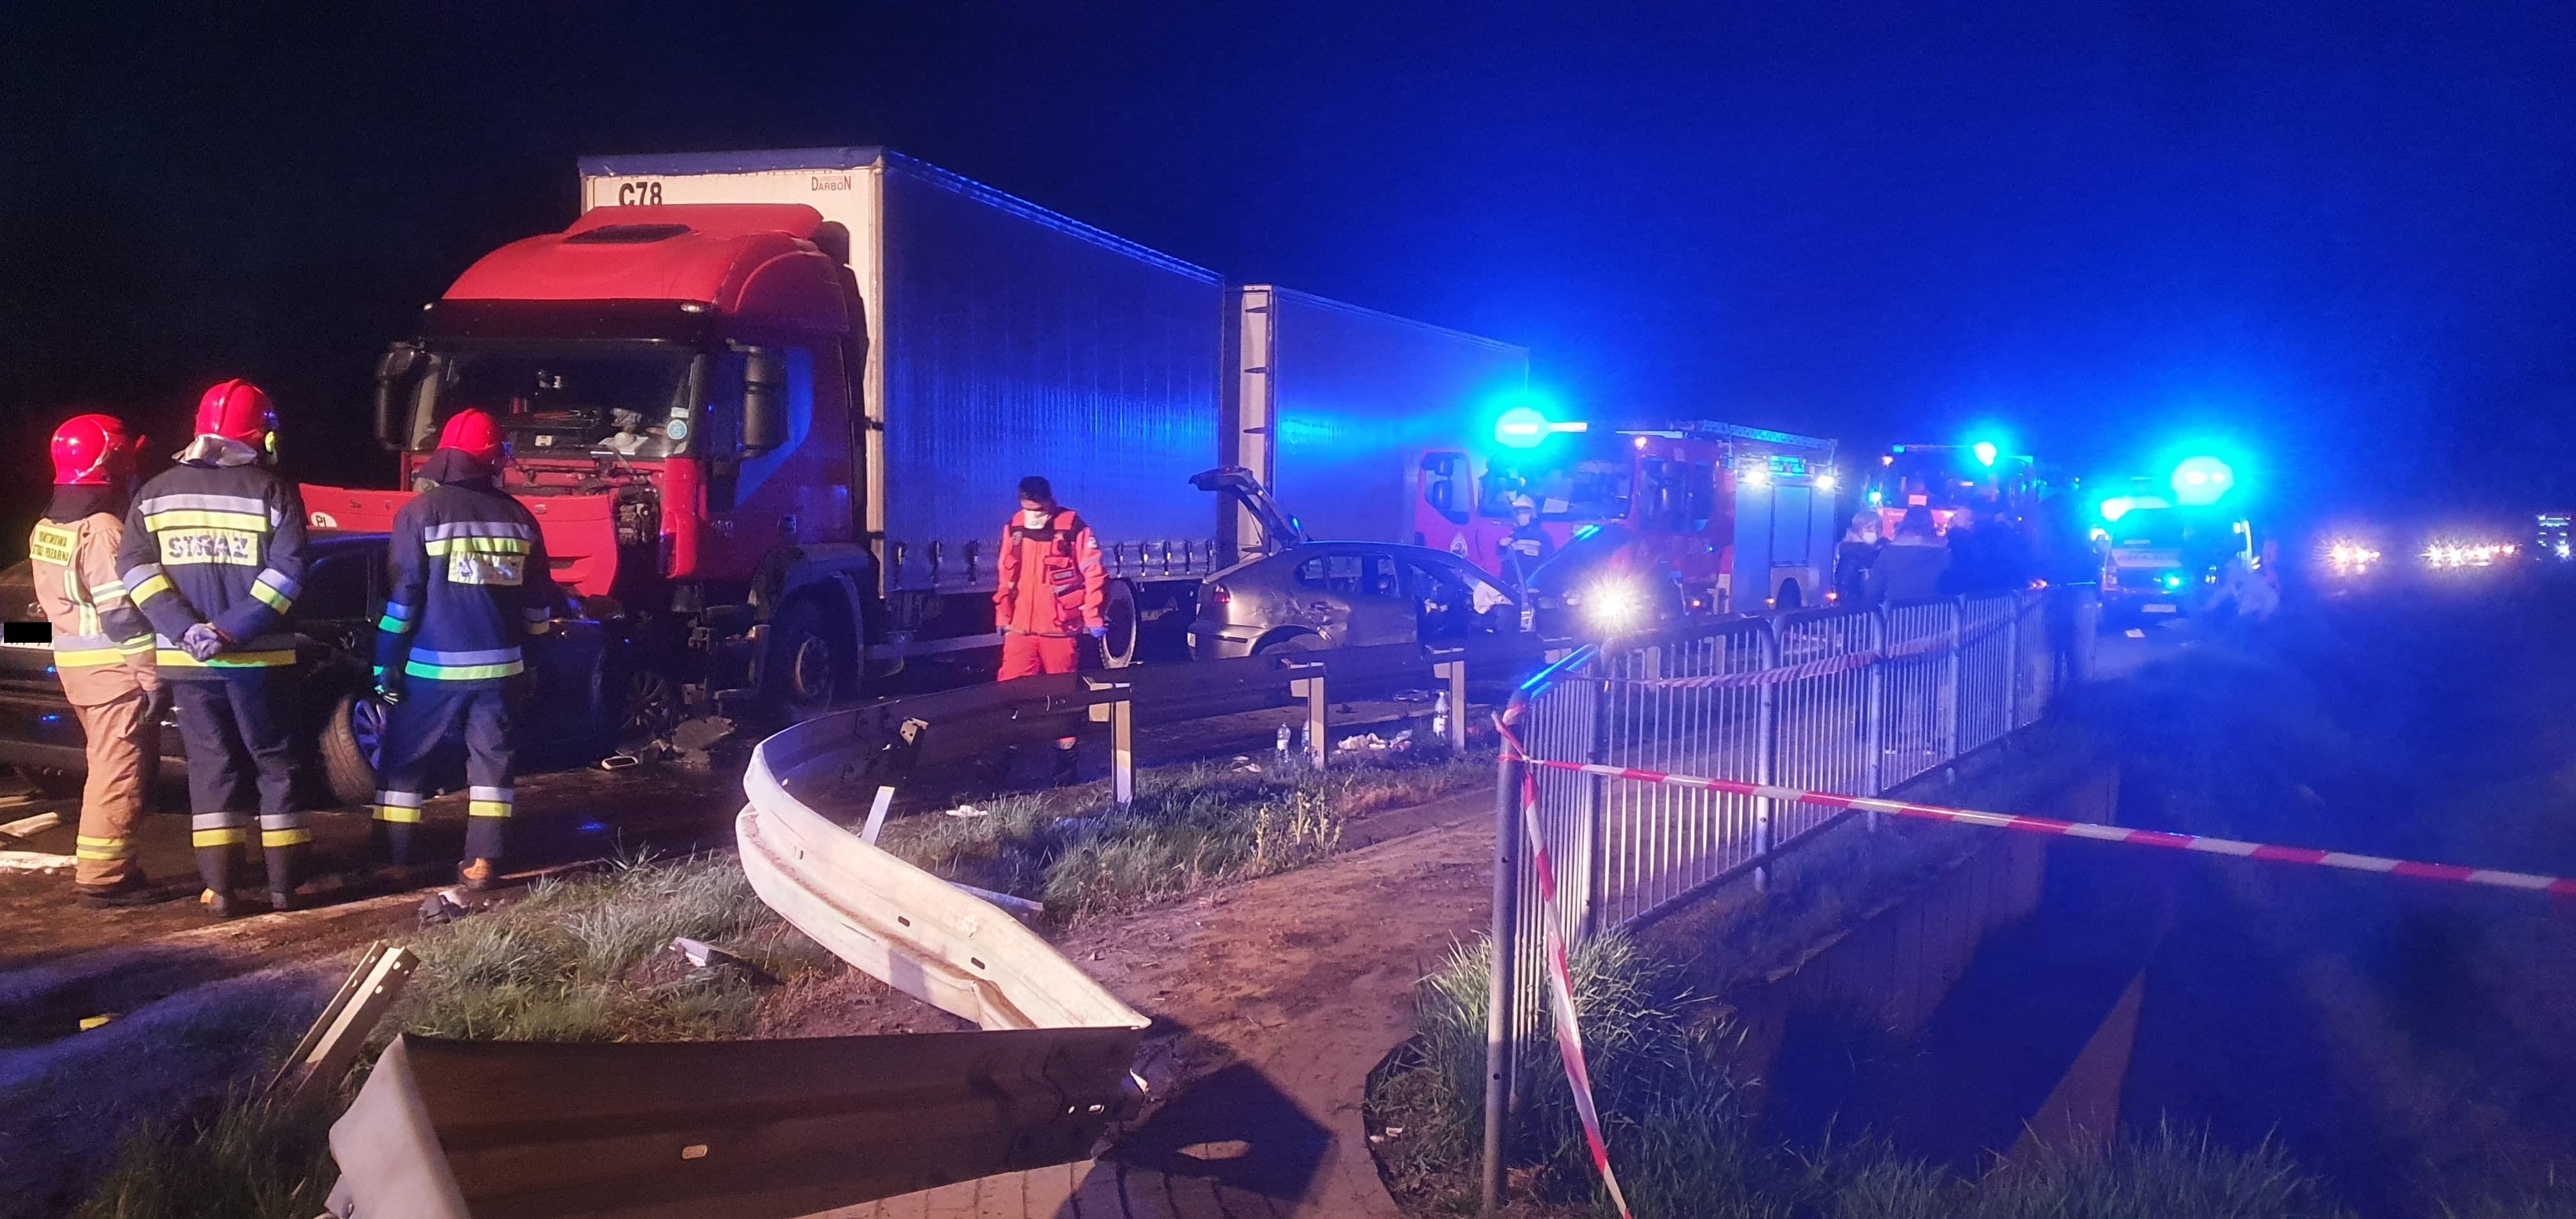 Zderzenie trzech pojazdów! Są ranni, a wśród nich niemowlak! [AKTUALIZACJA, ZDJĘCIA, MAPA, WIDEO] - Zdjęcie główne